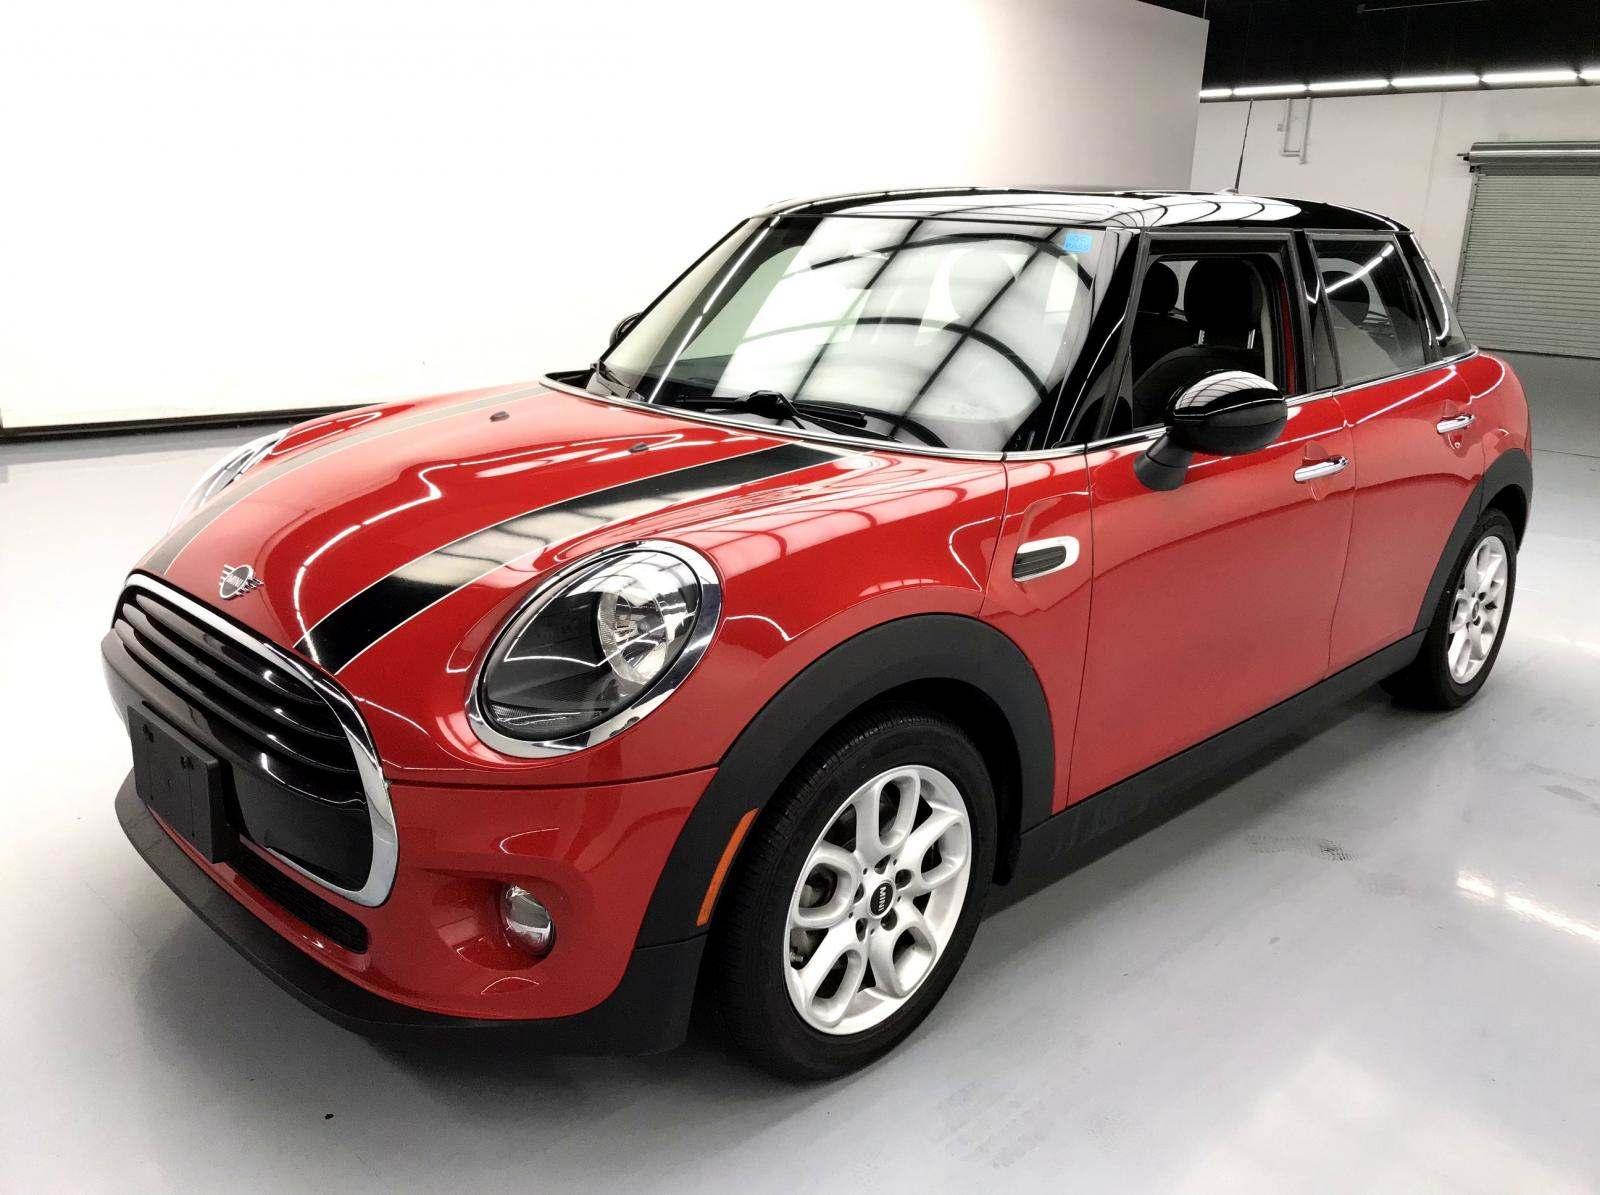 Buy Used Cars Lexington Ky - Automotive News